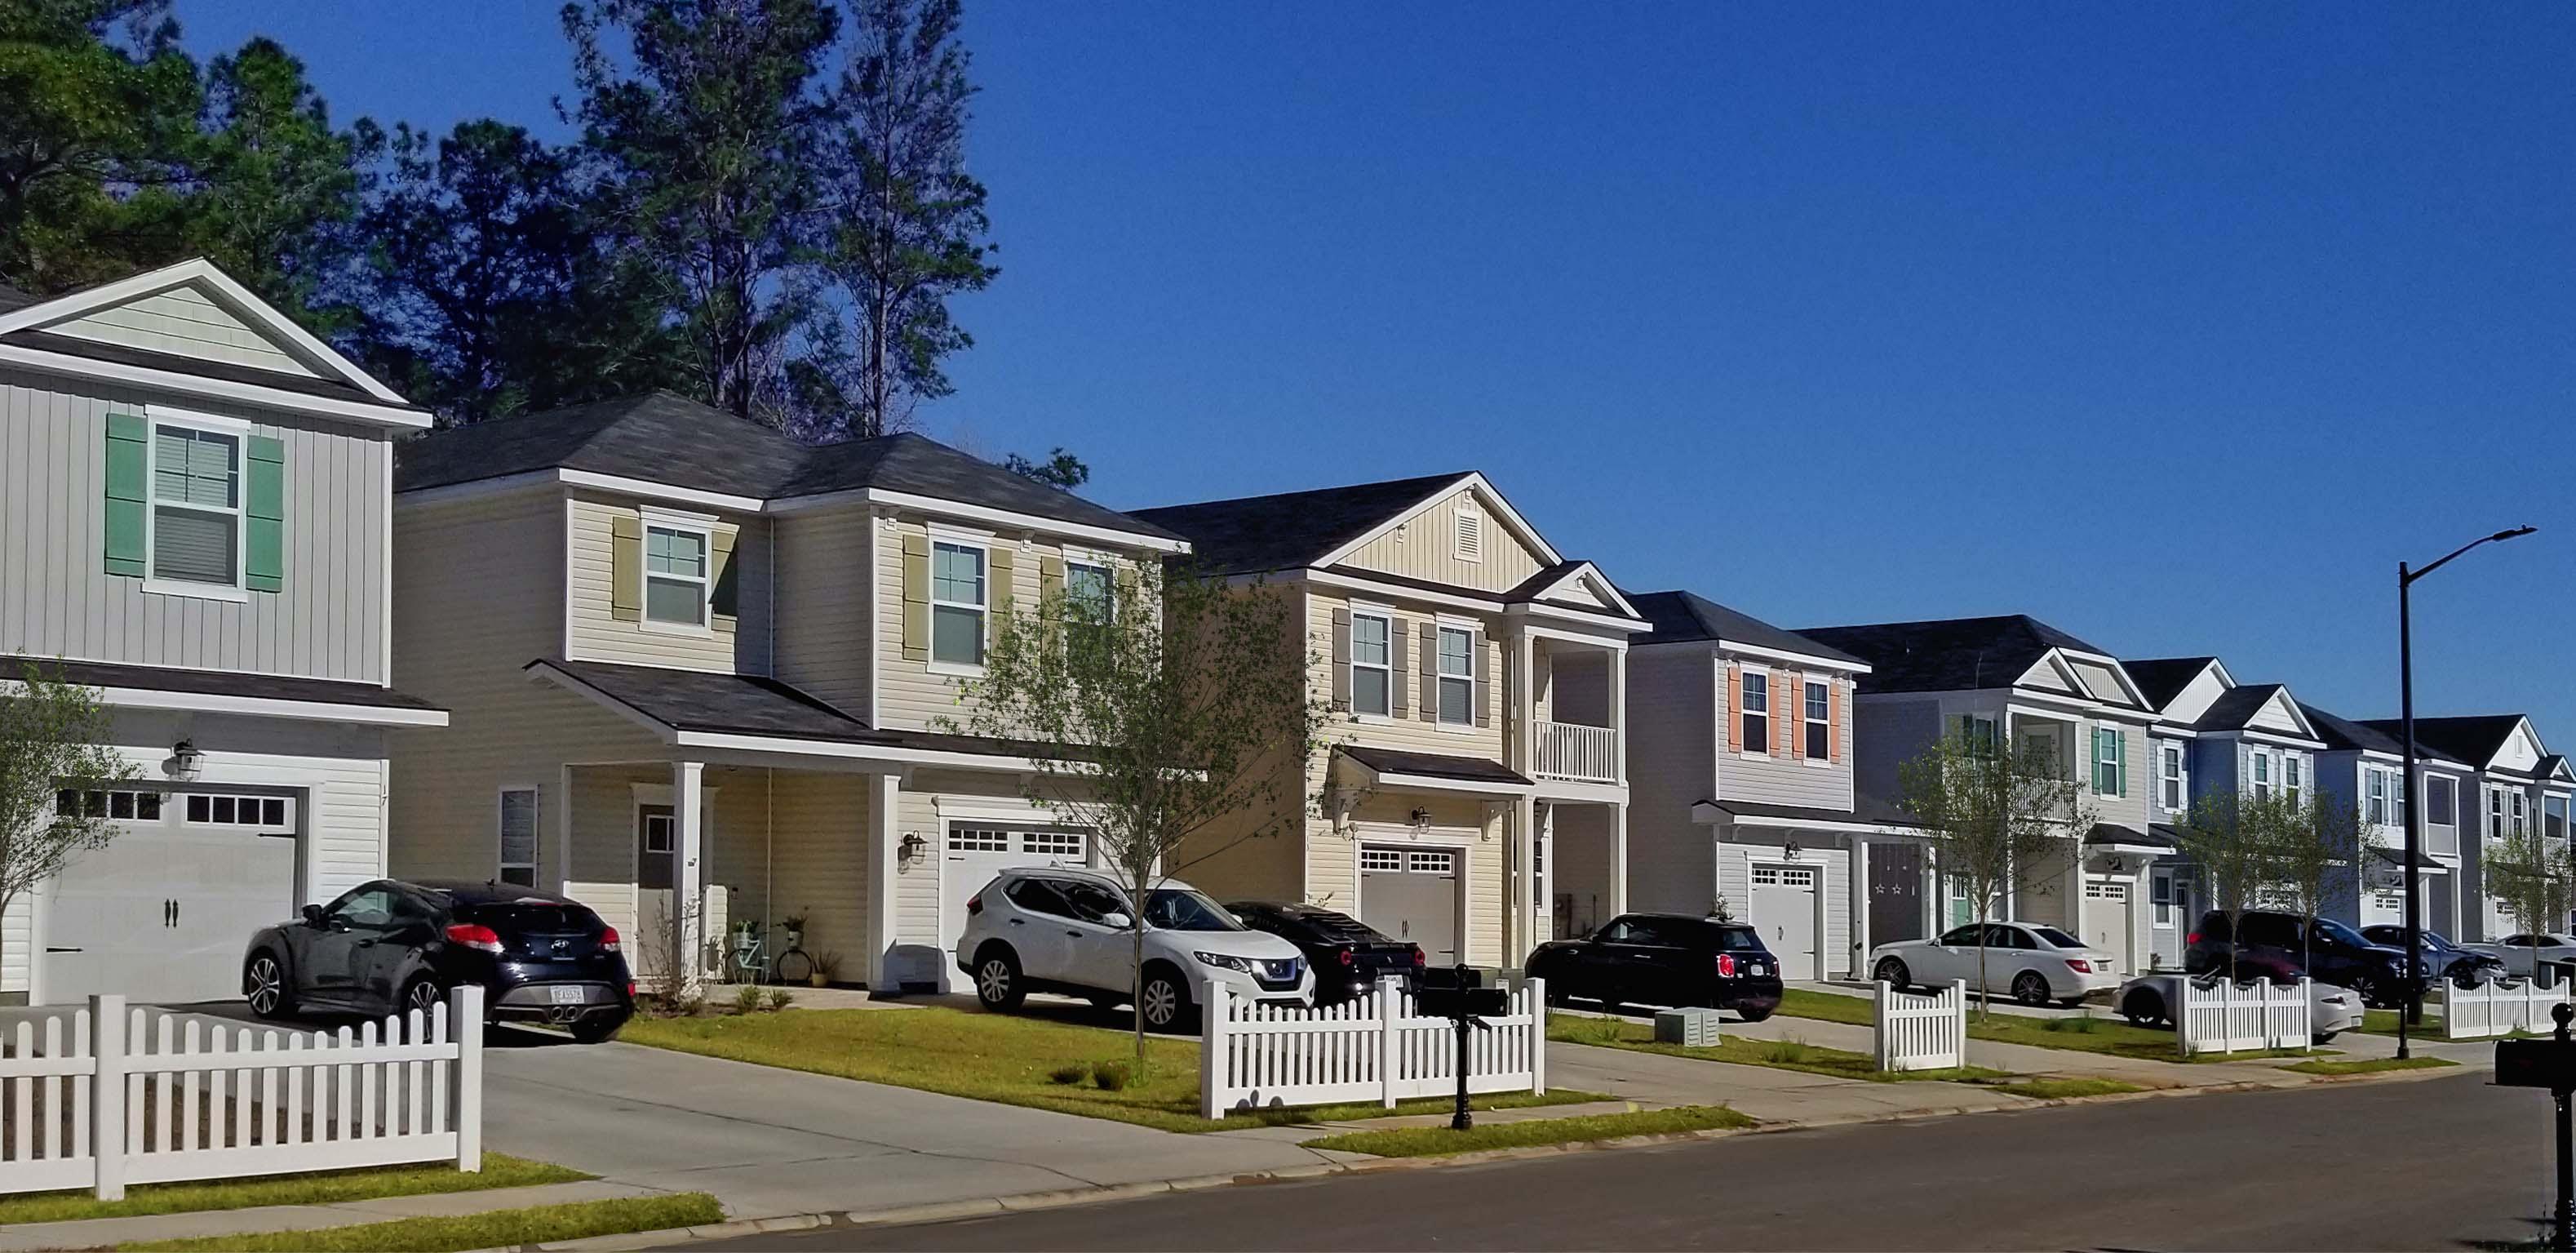 'Bradley Point South' by Landmark 24 Homes of Georgia in Savannah